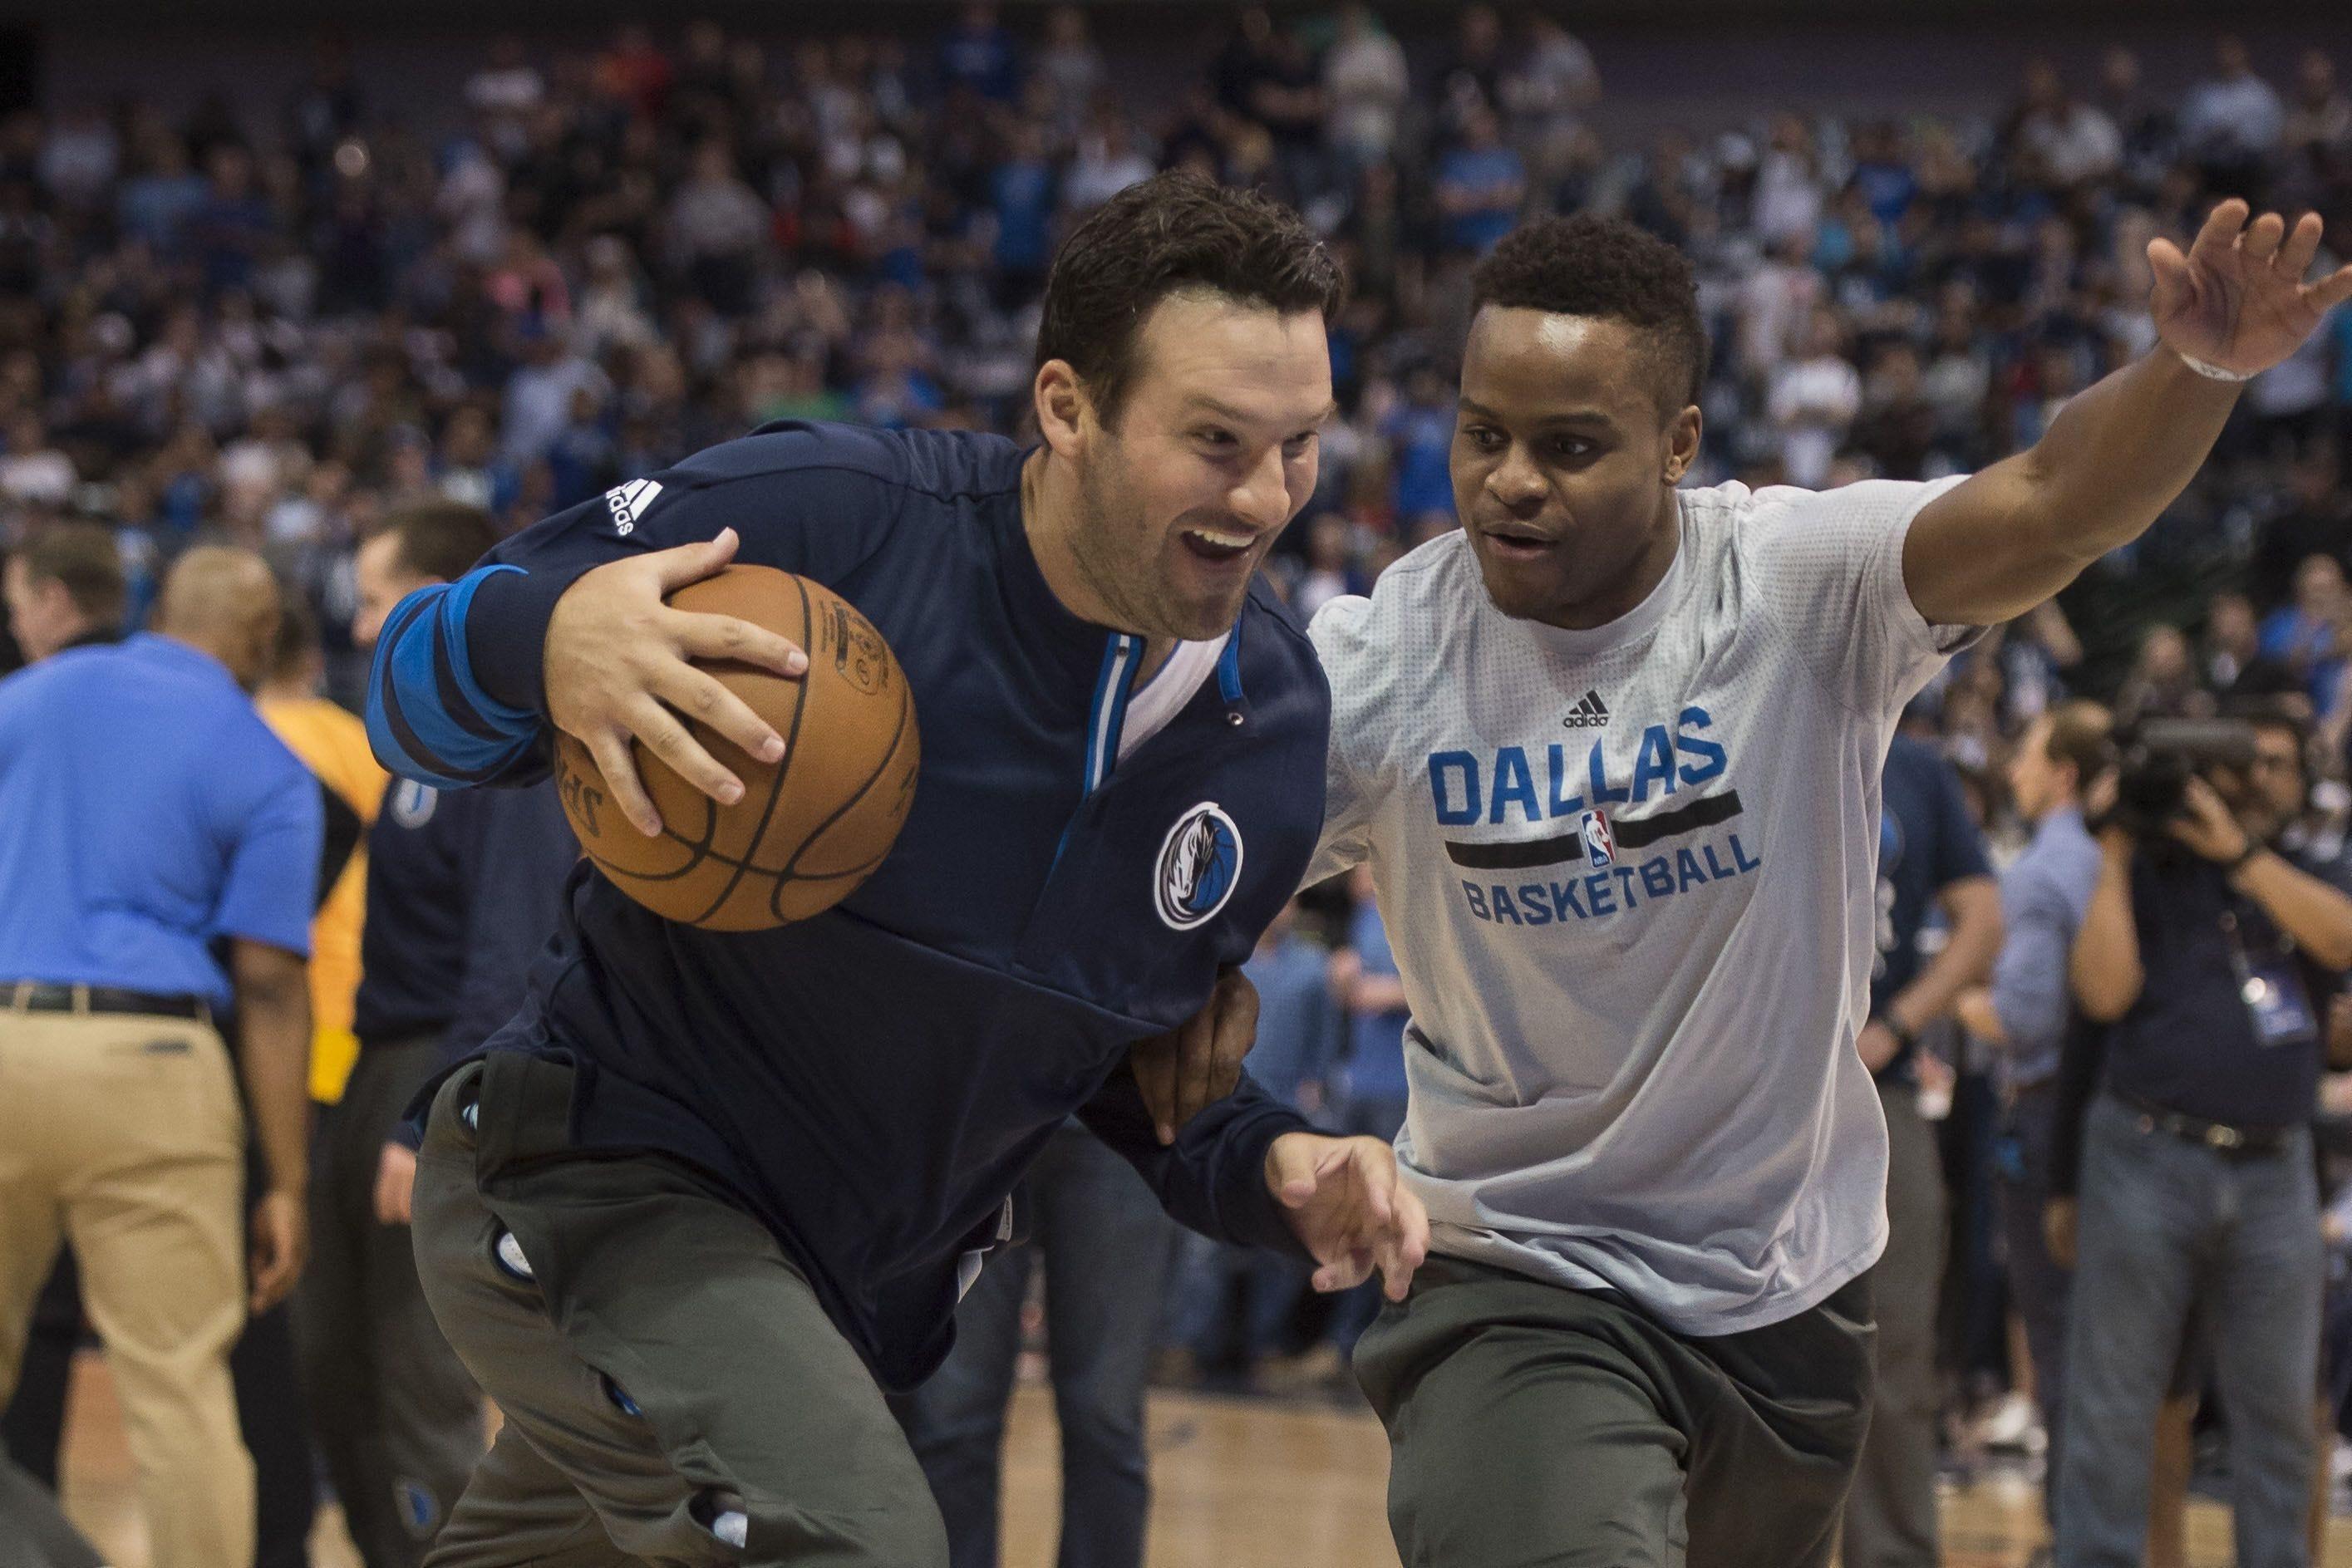 NBA blocked Mark Cuban's idea to let Tony Romo play in Mavs game